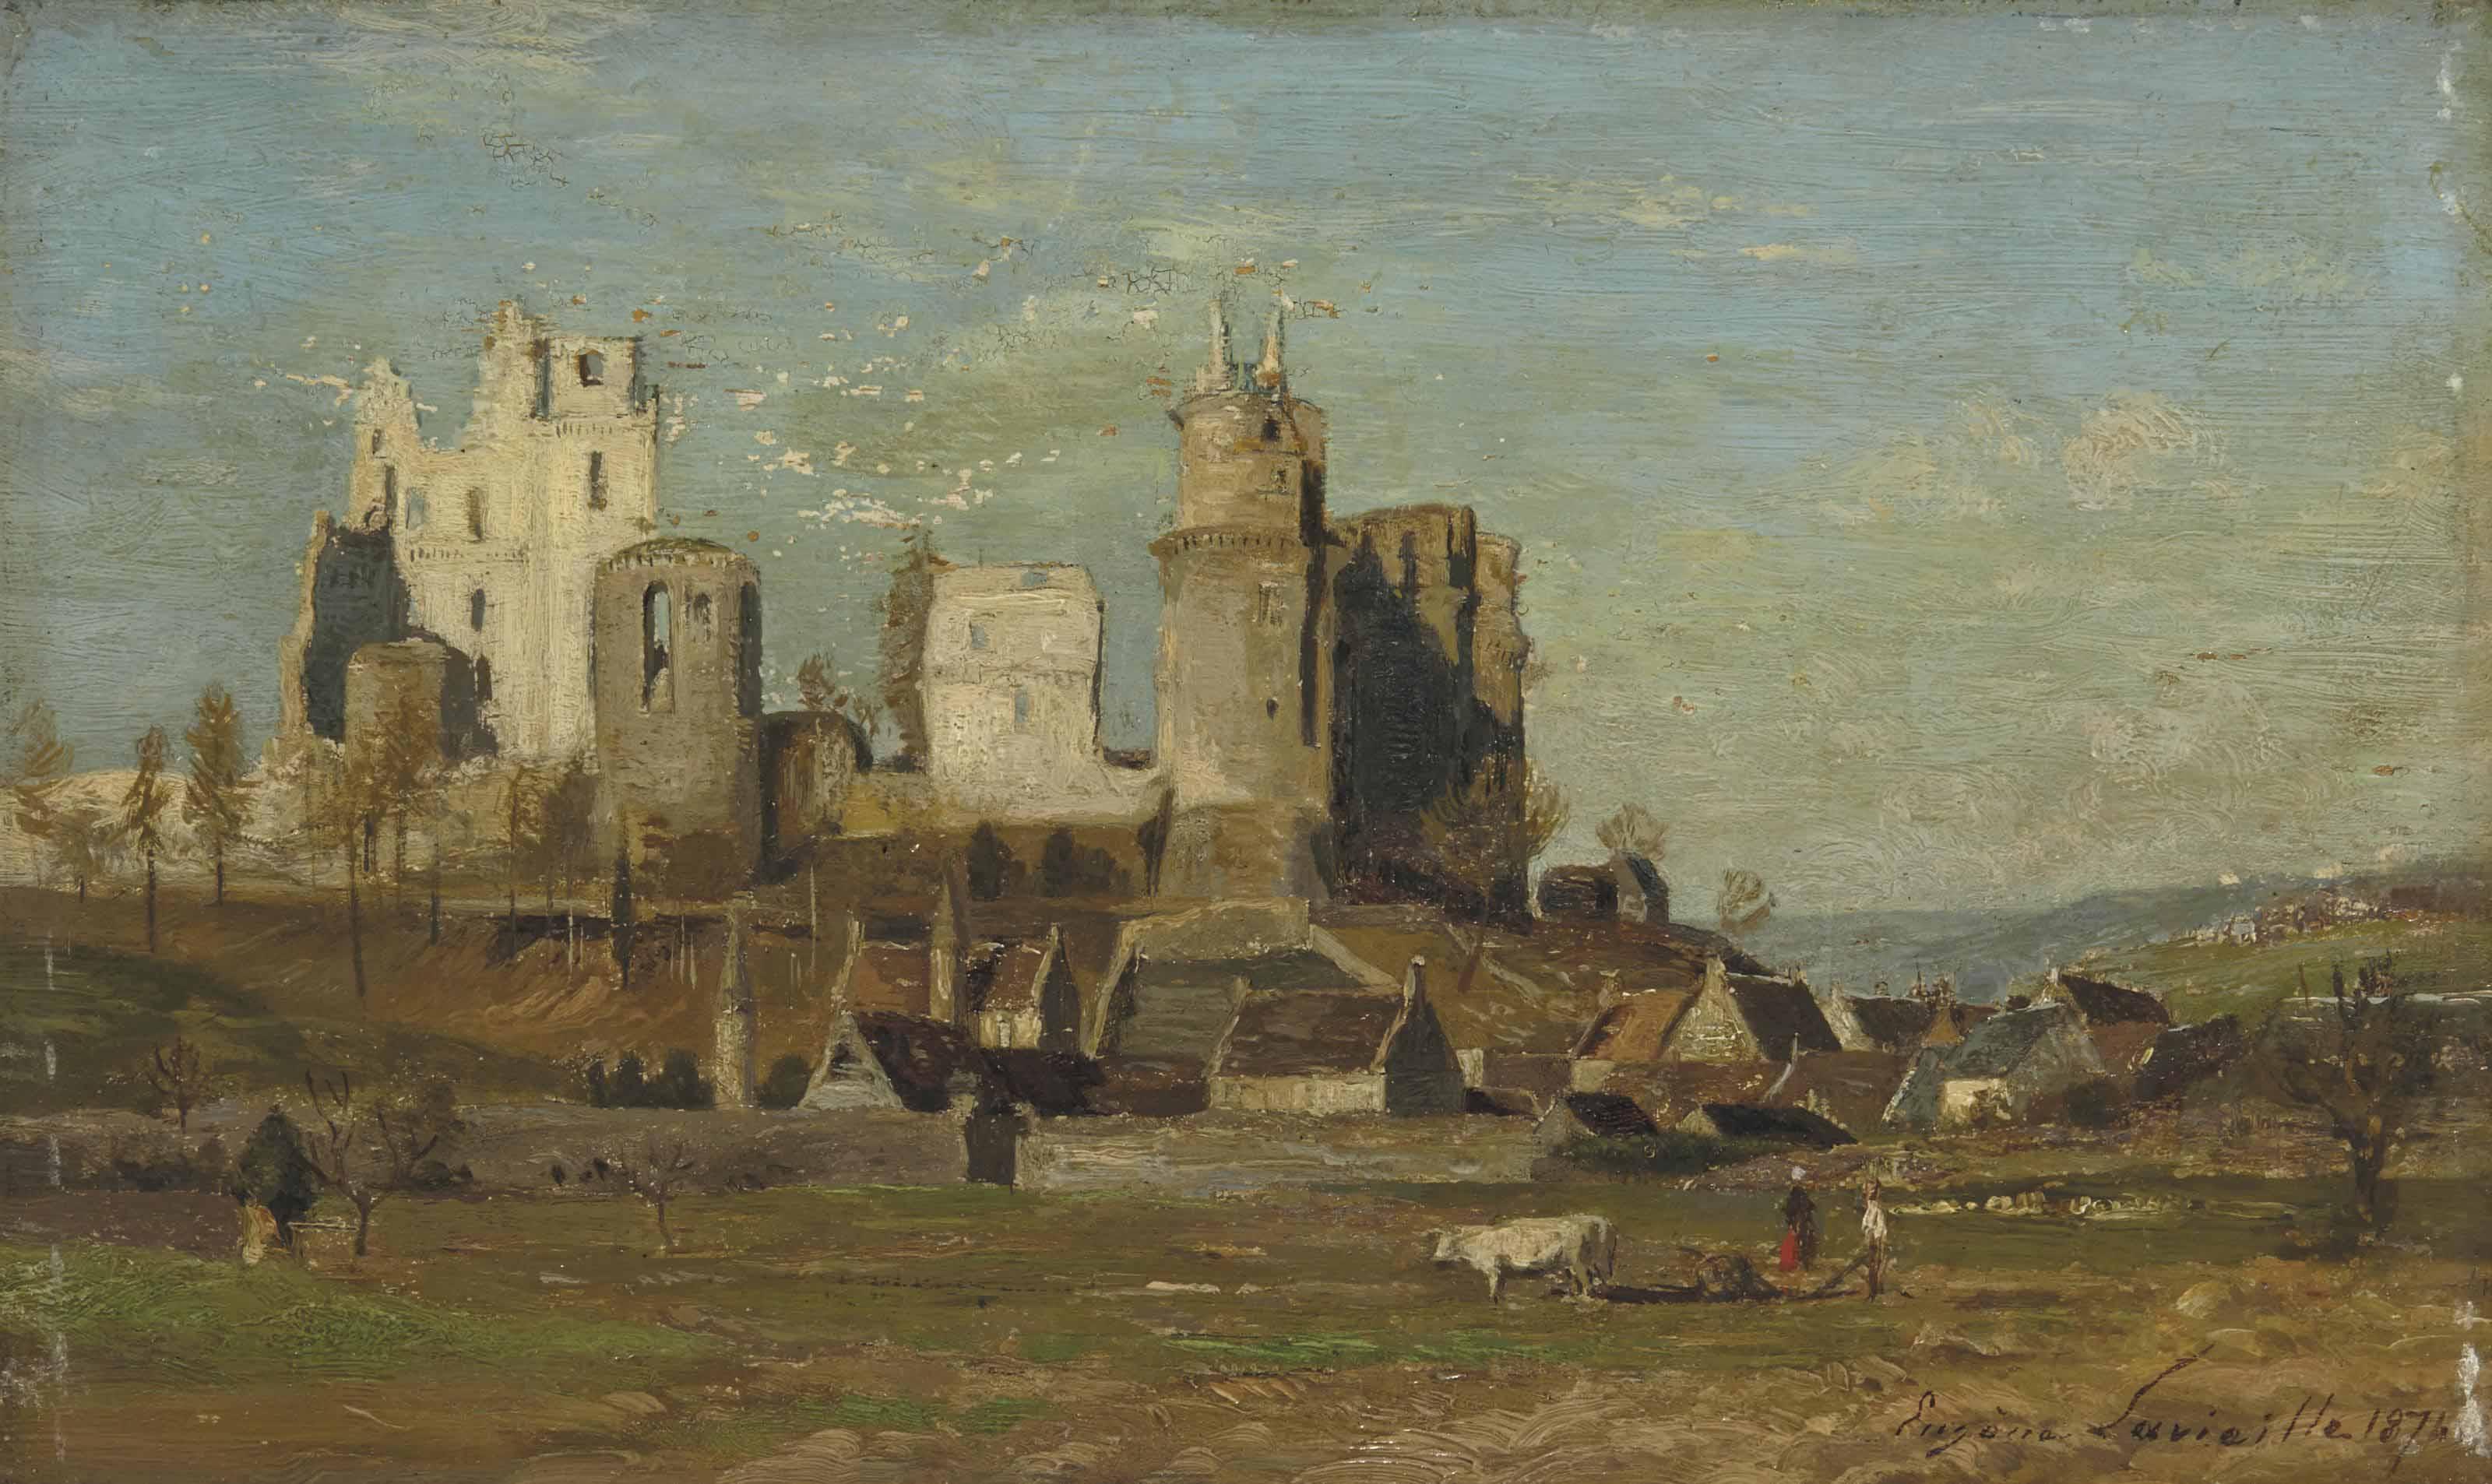 Les ruines du château de Pierrefonds